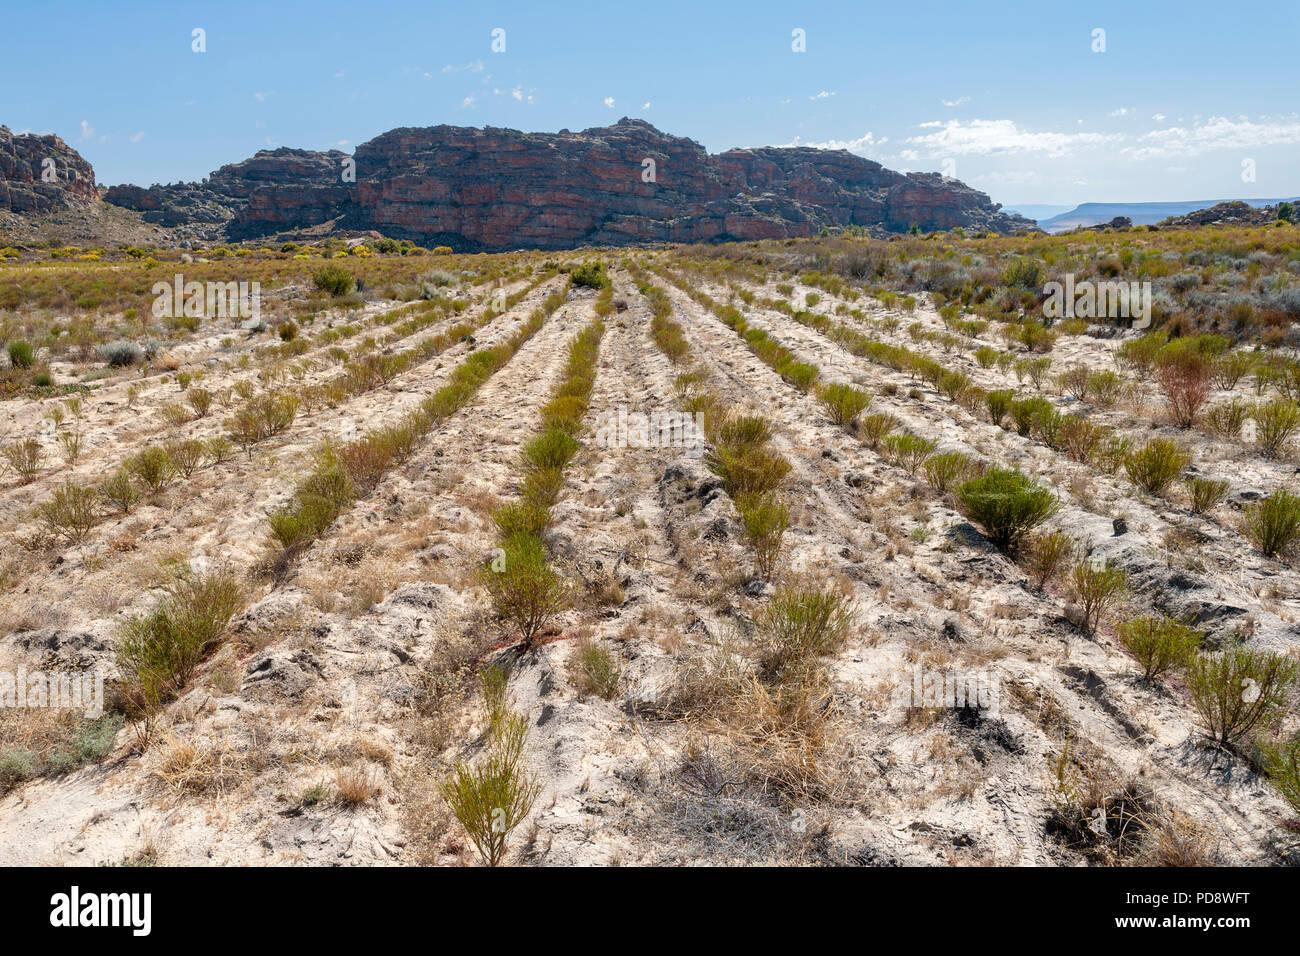 Rooibos plantaciones en las montañas Cederberg de Sudáfrica. Imagen De Stock